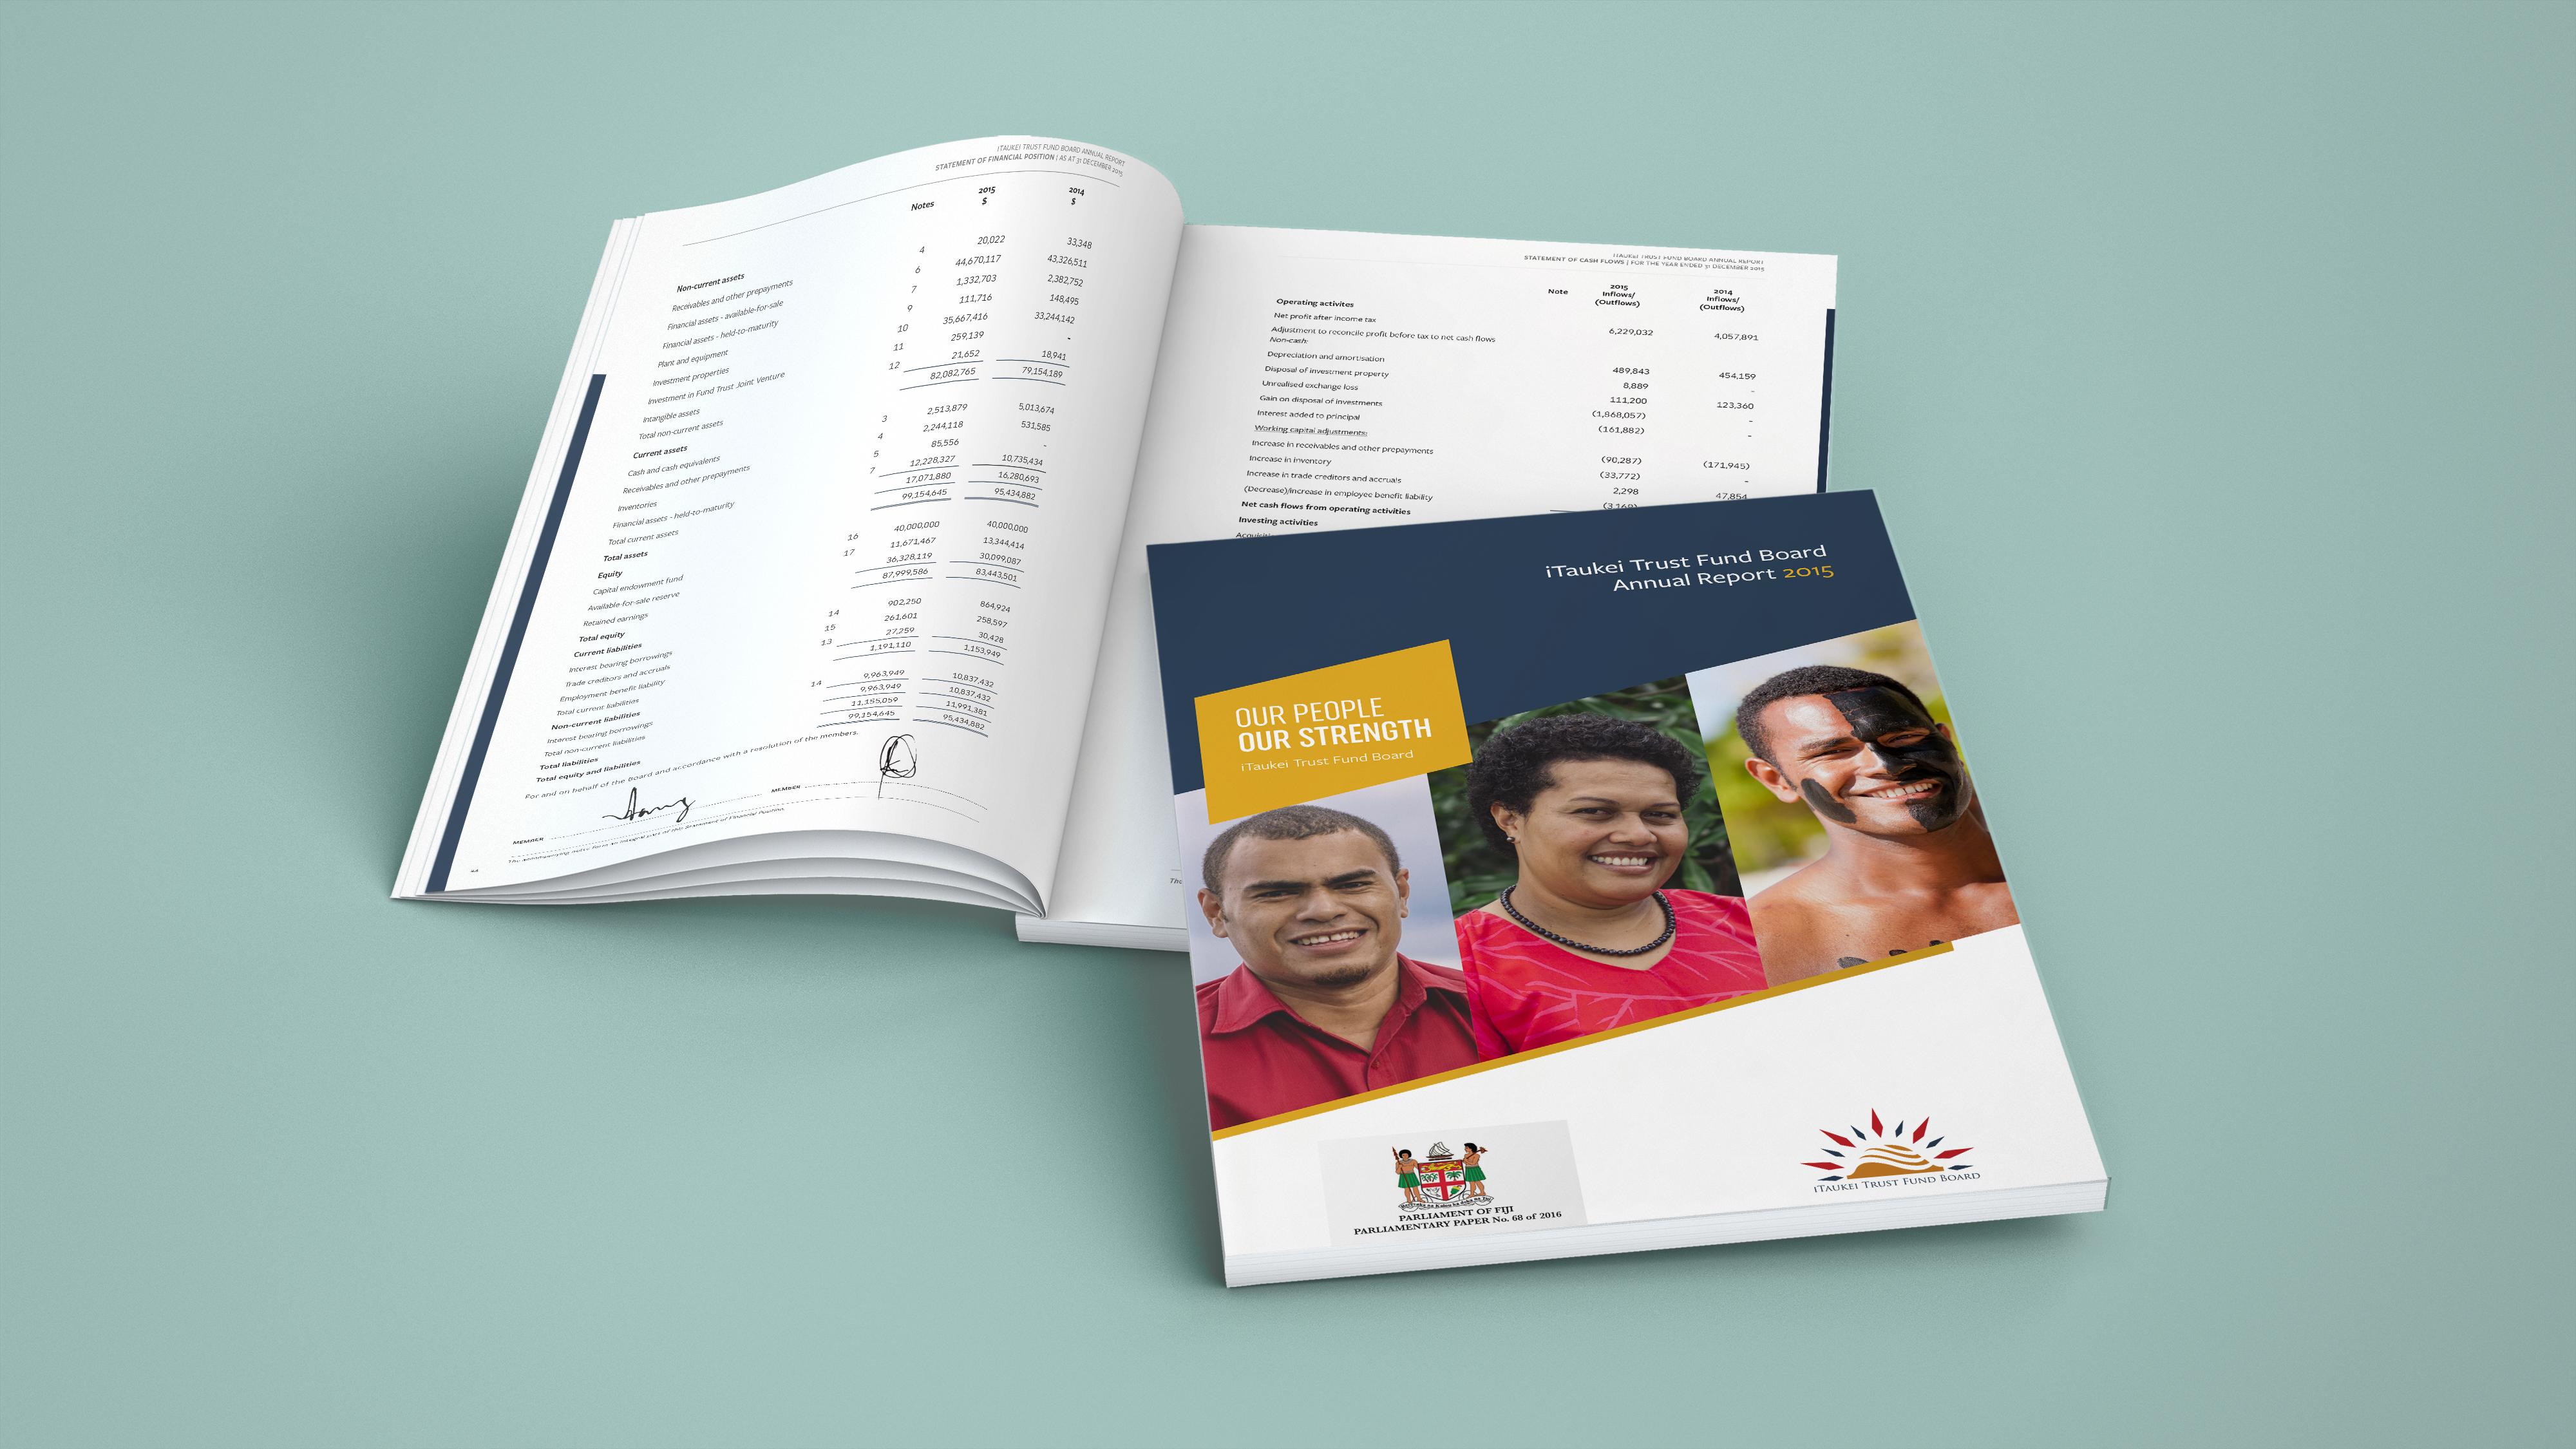 iTaukei Trust Fund Board Annual Reports 2015